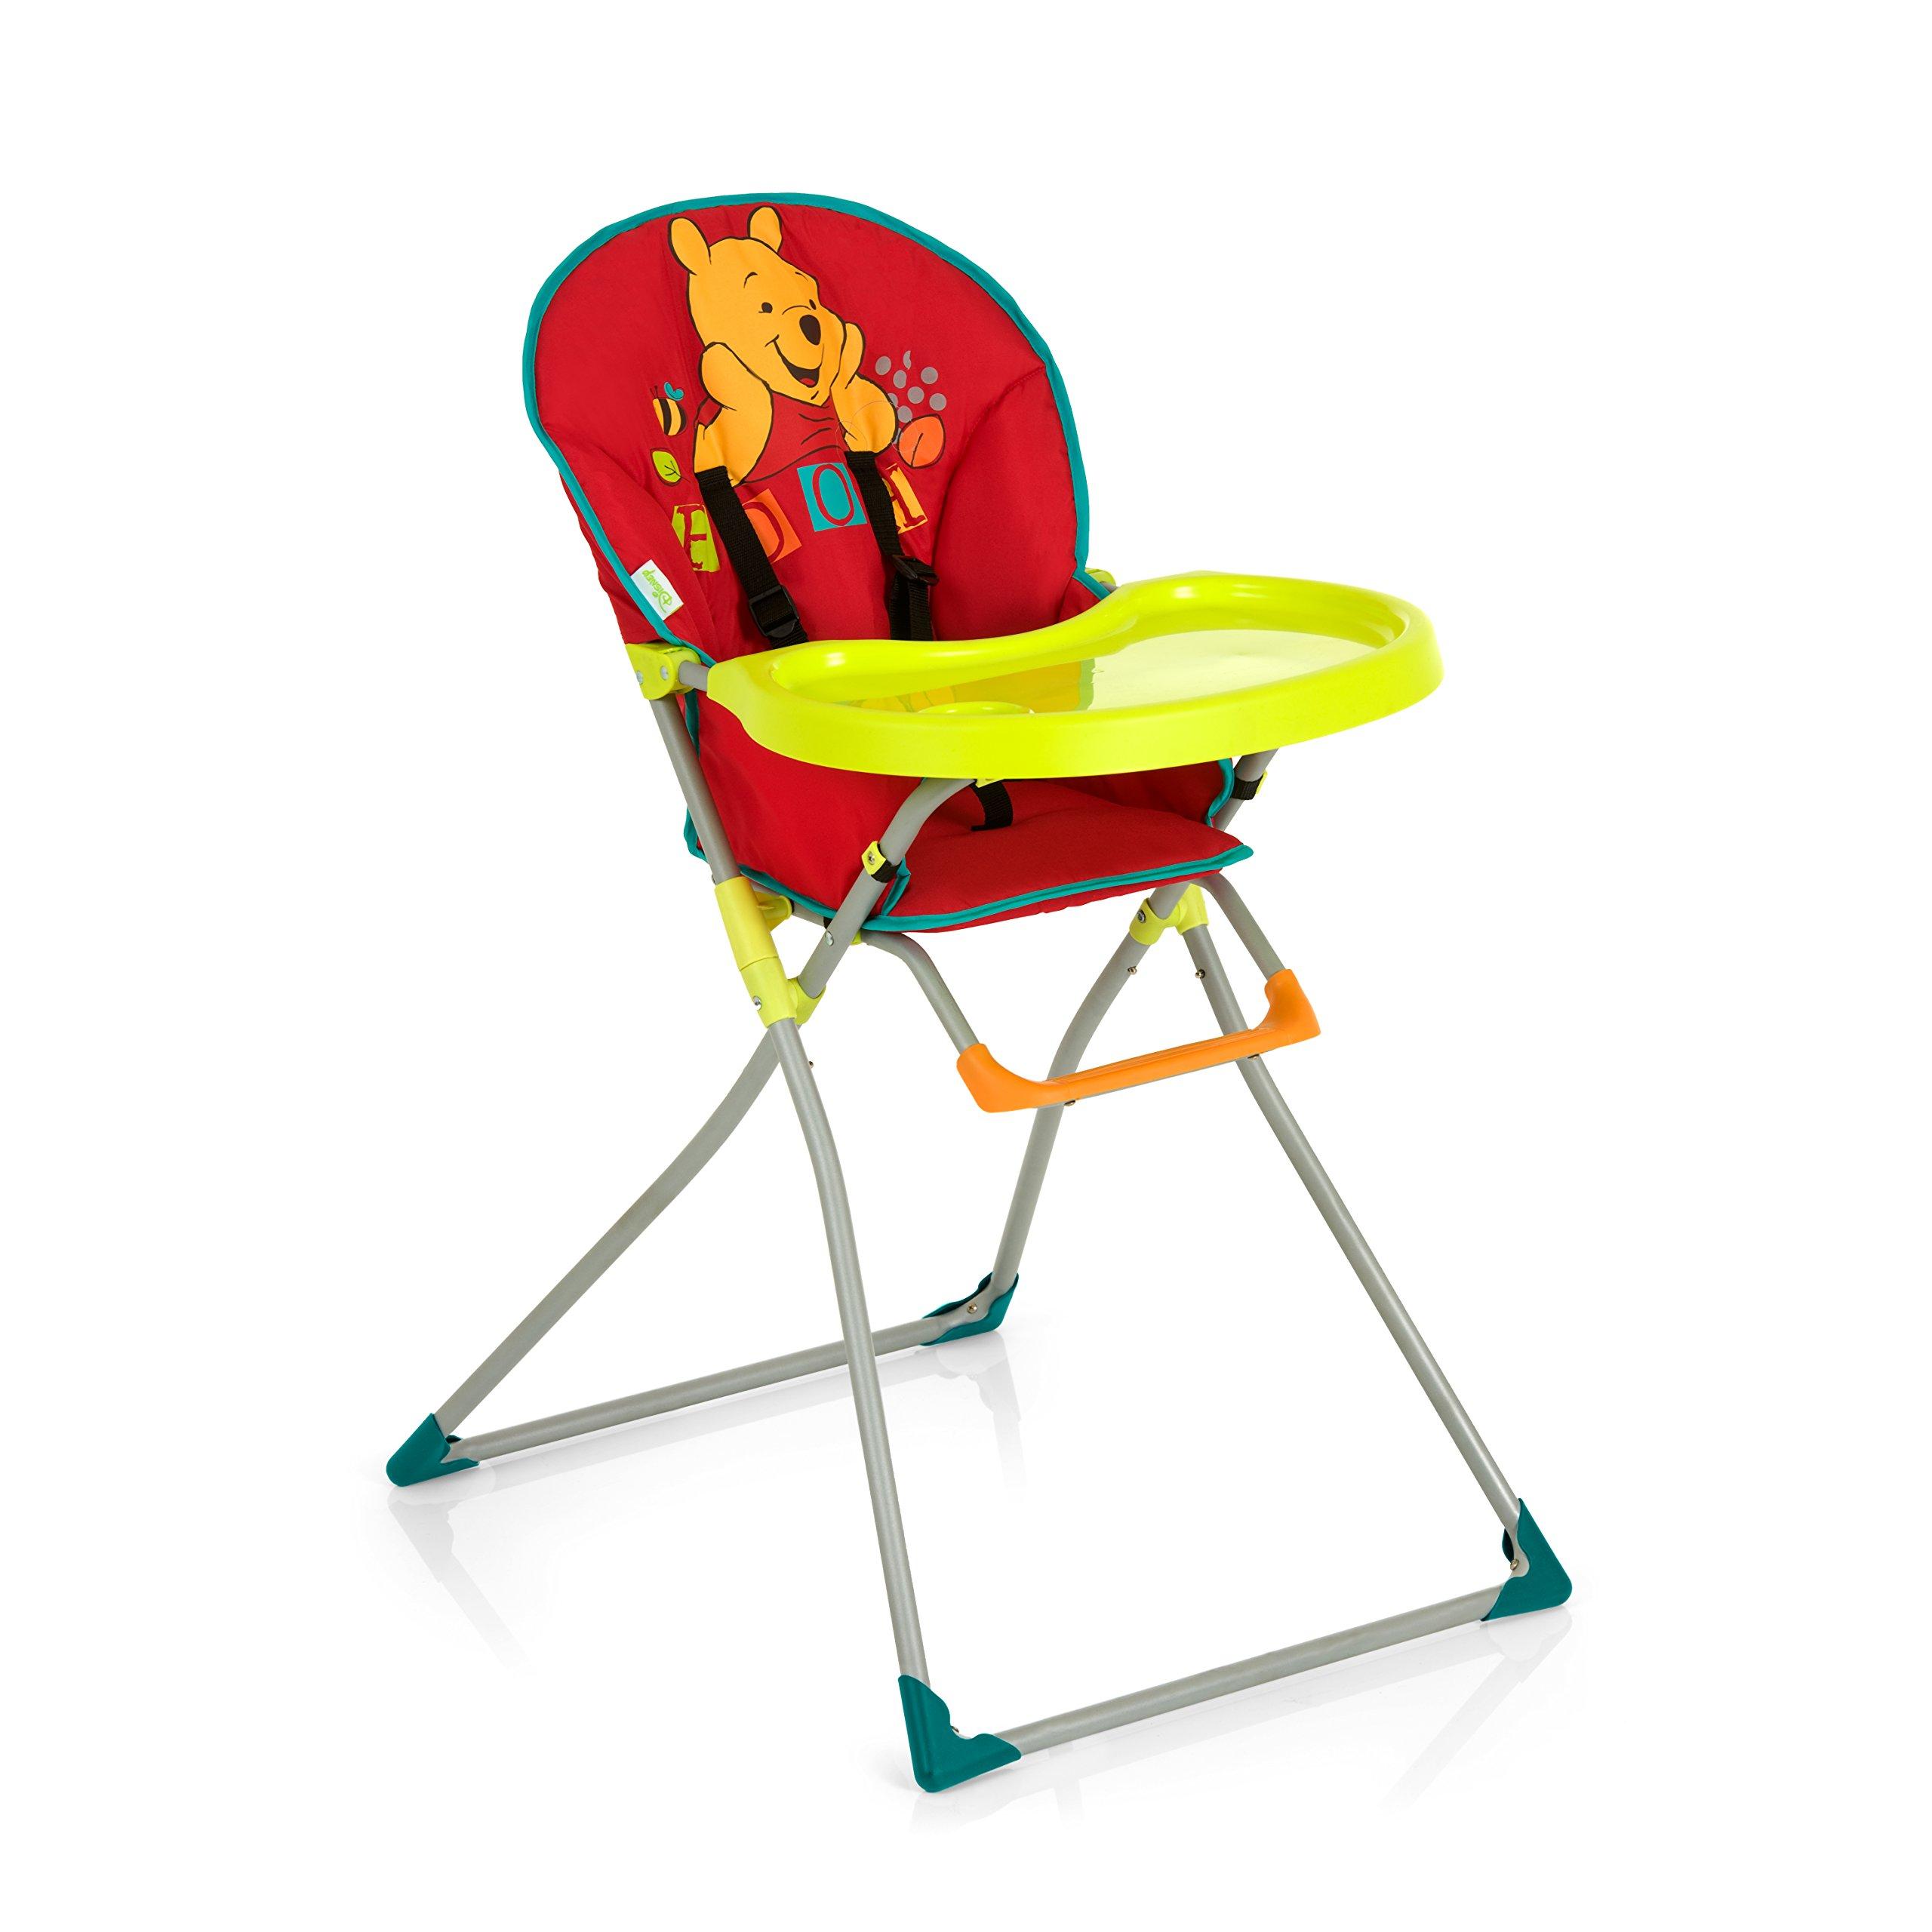 Hauck 639382 Mac Baby Seggiolone Pieghevole, Pooh Red II, Multicolore